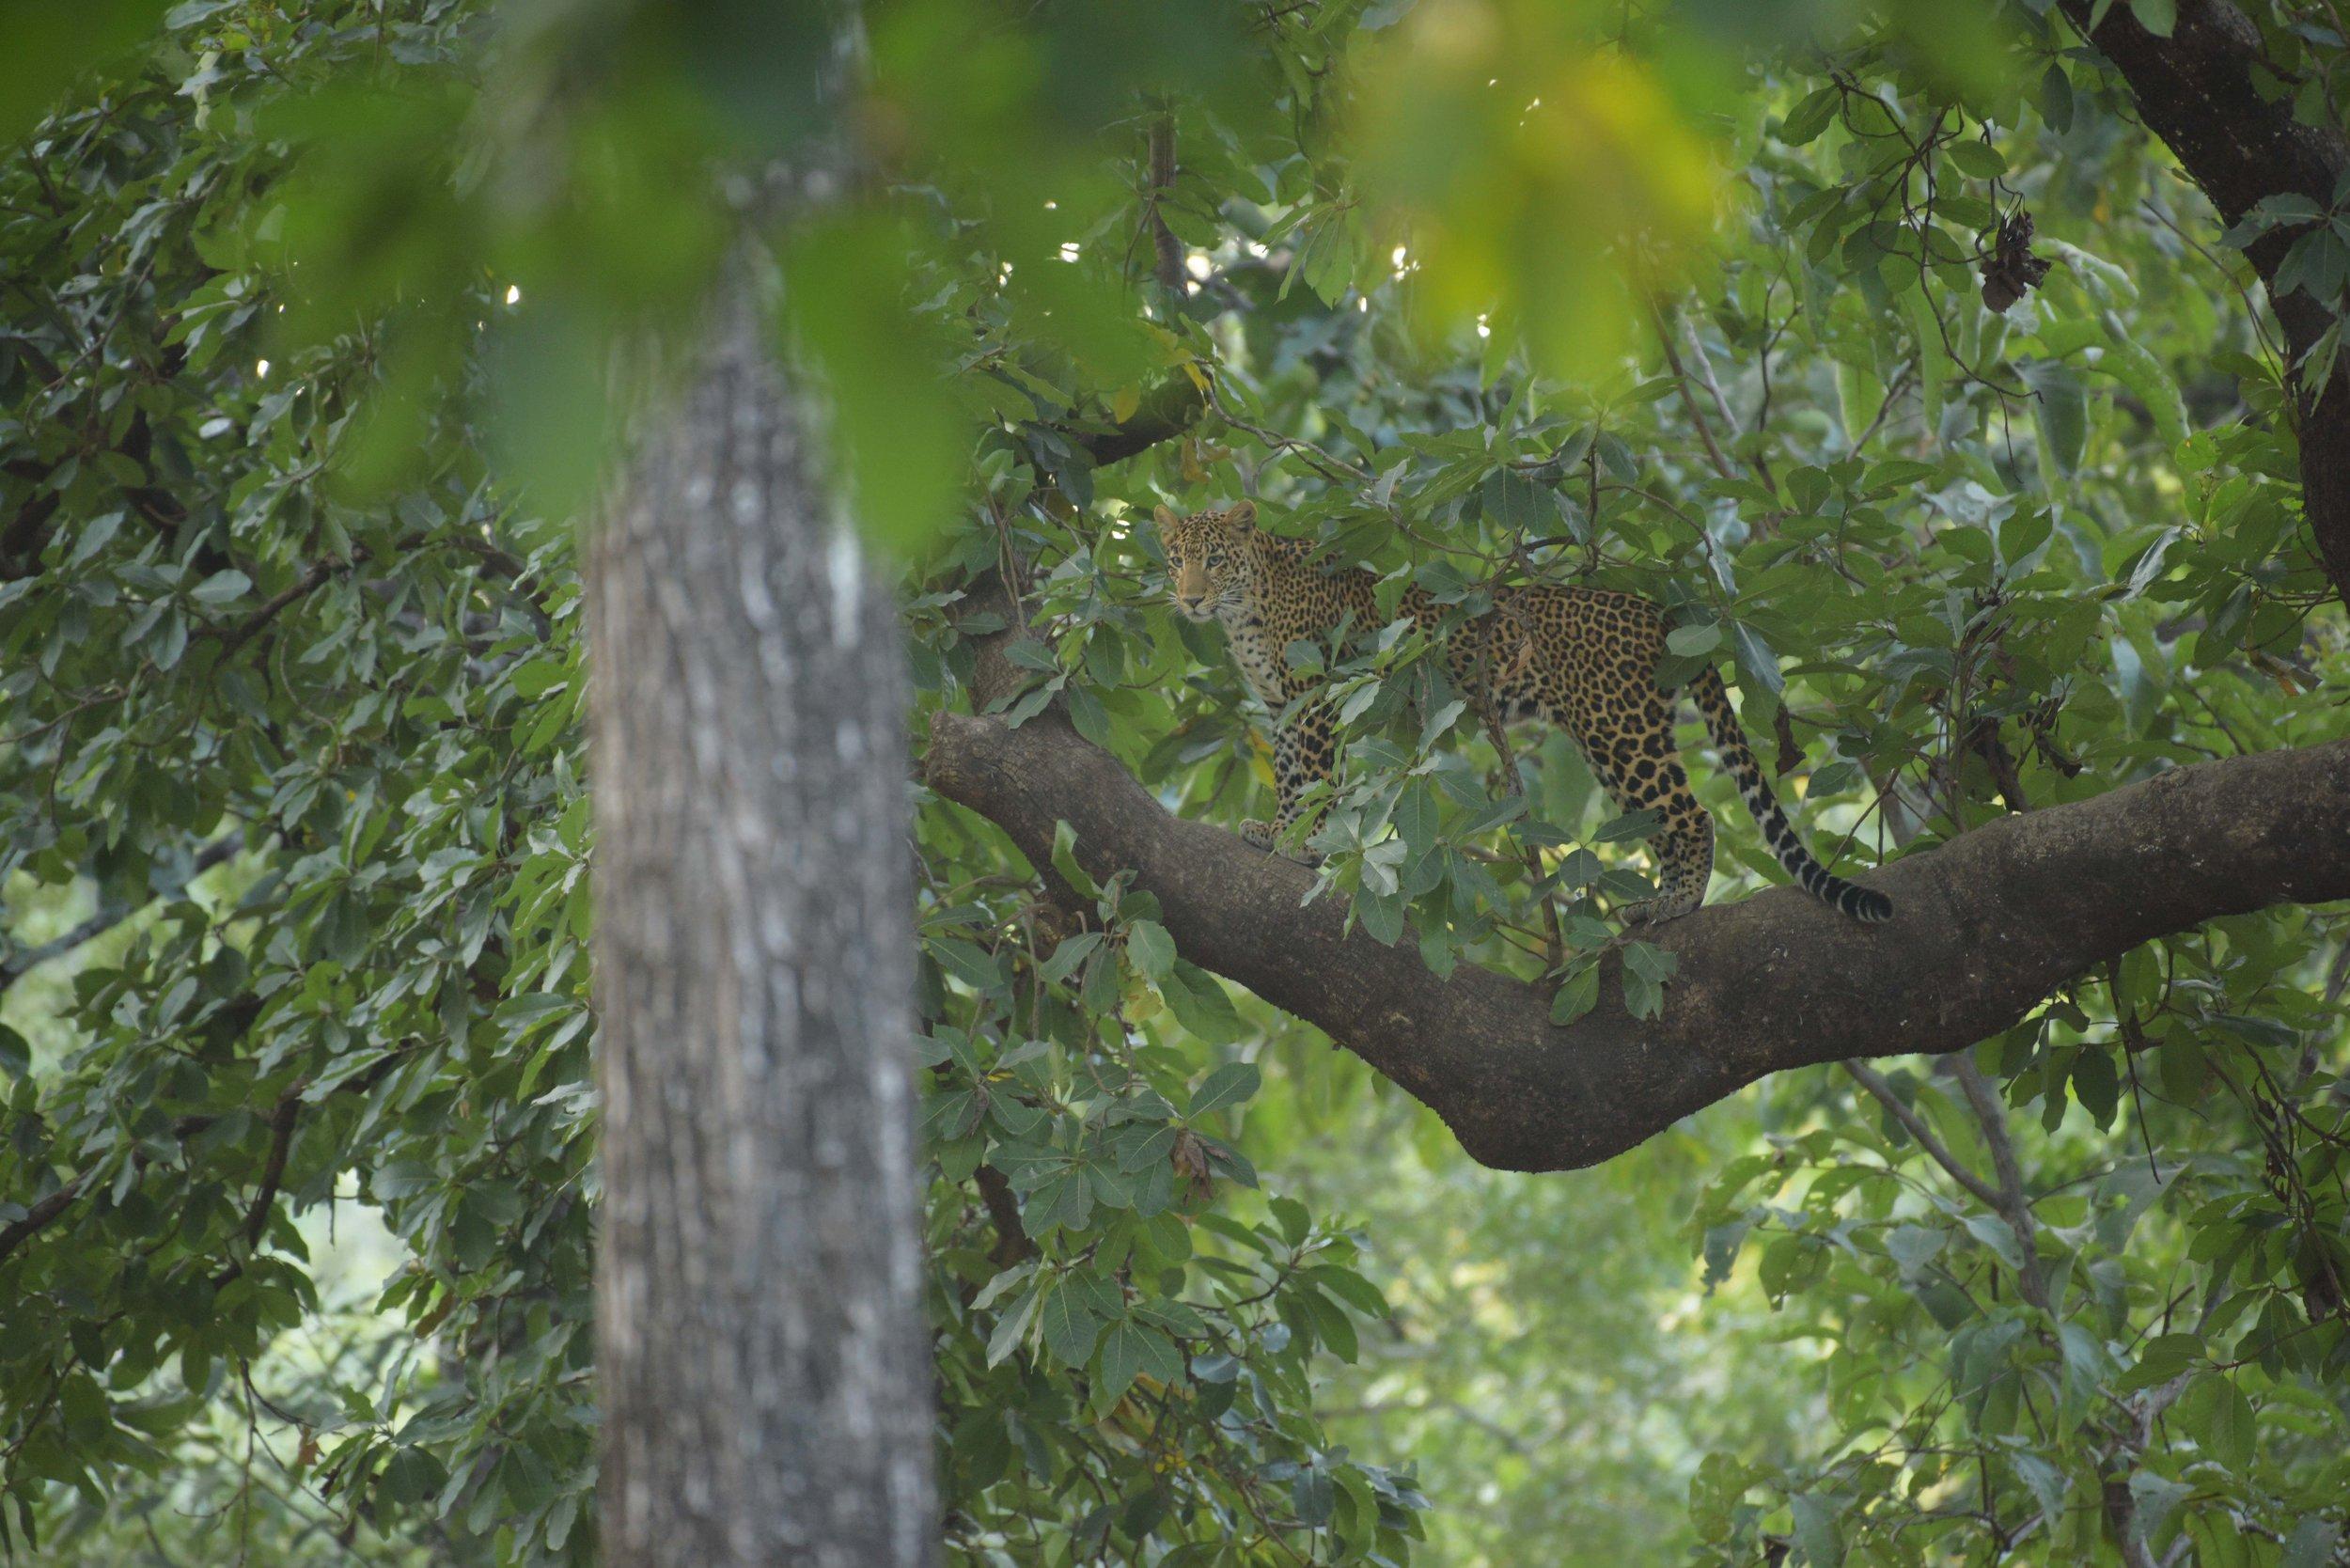 Leopard on tree.jpg